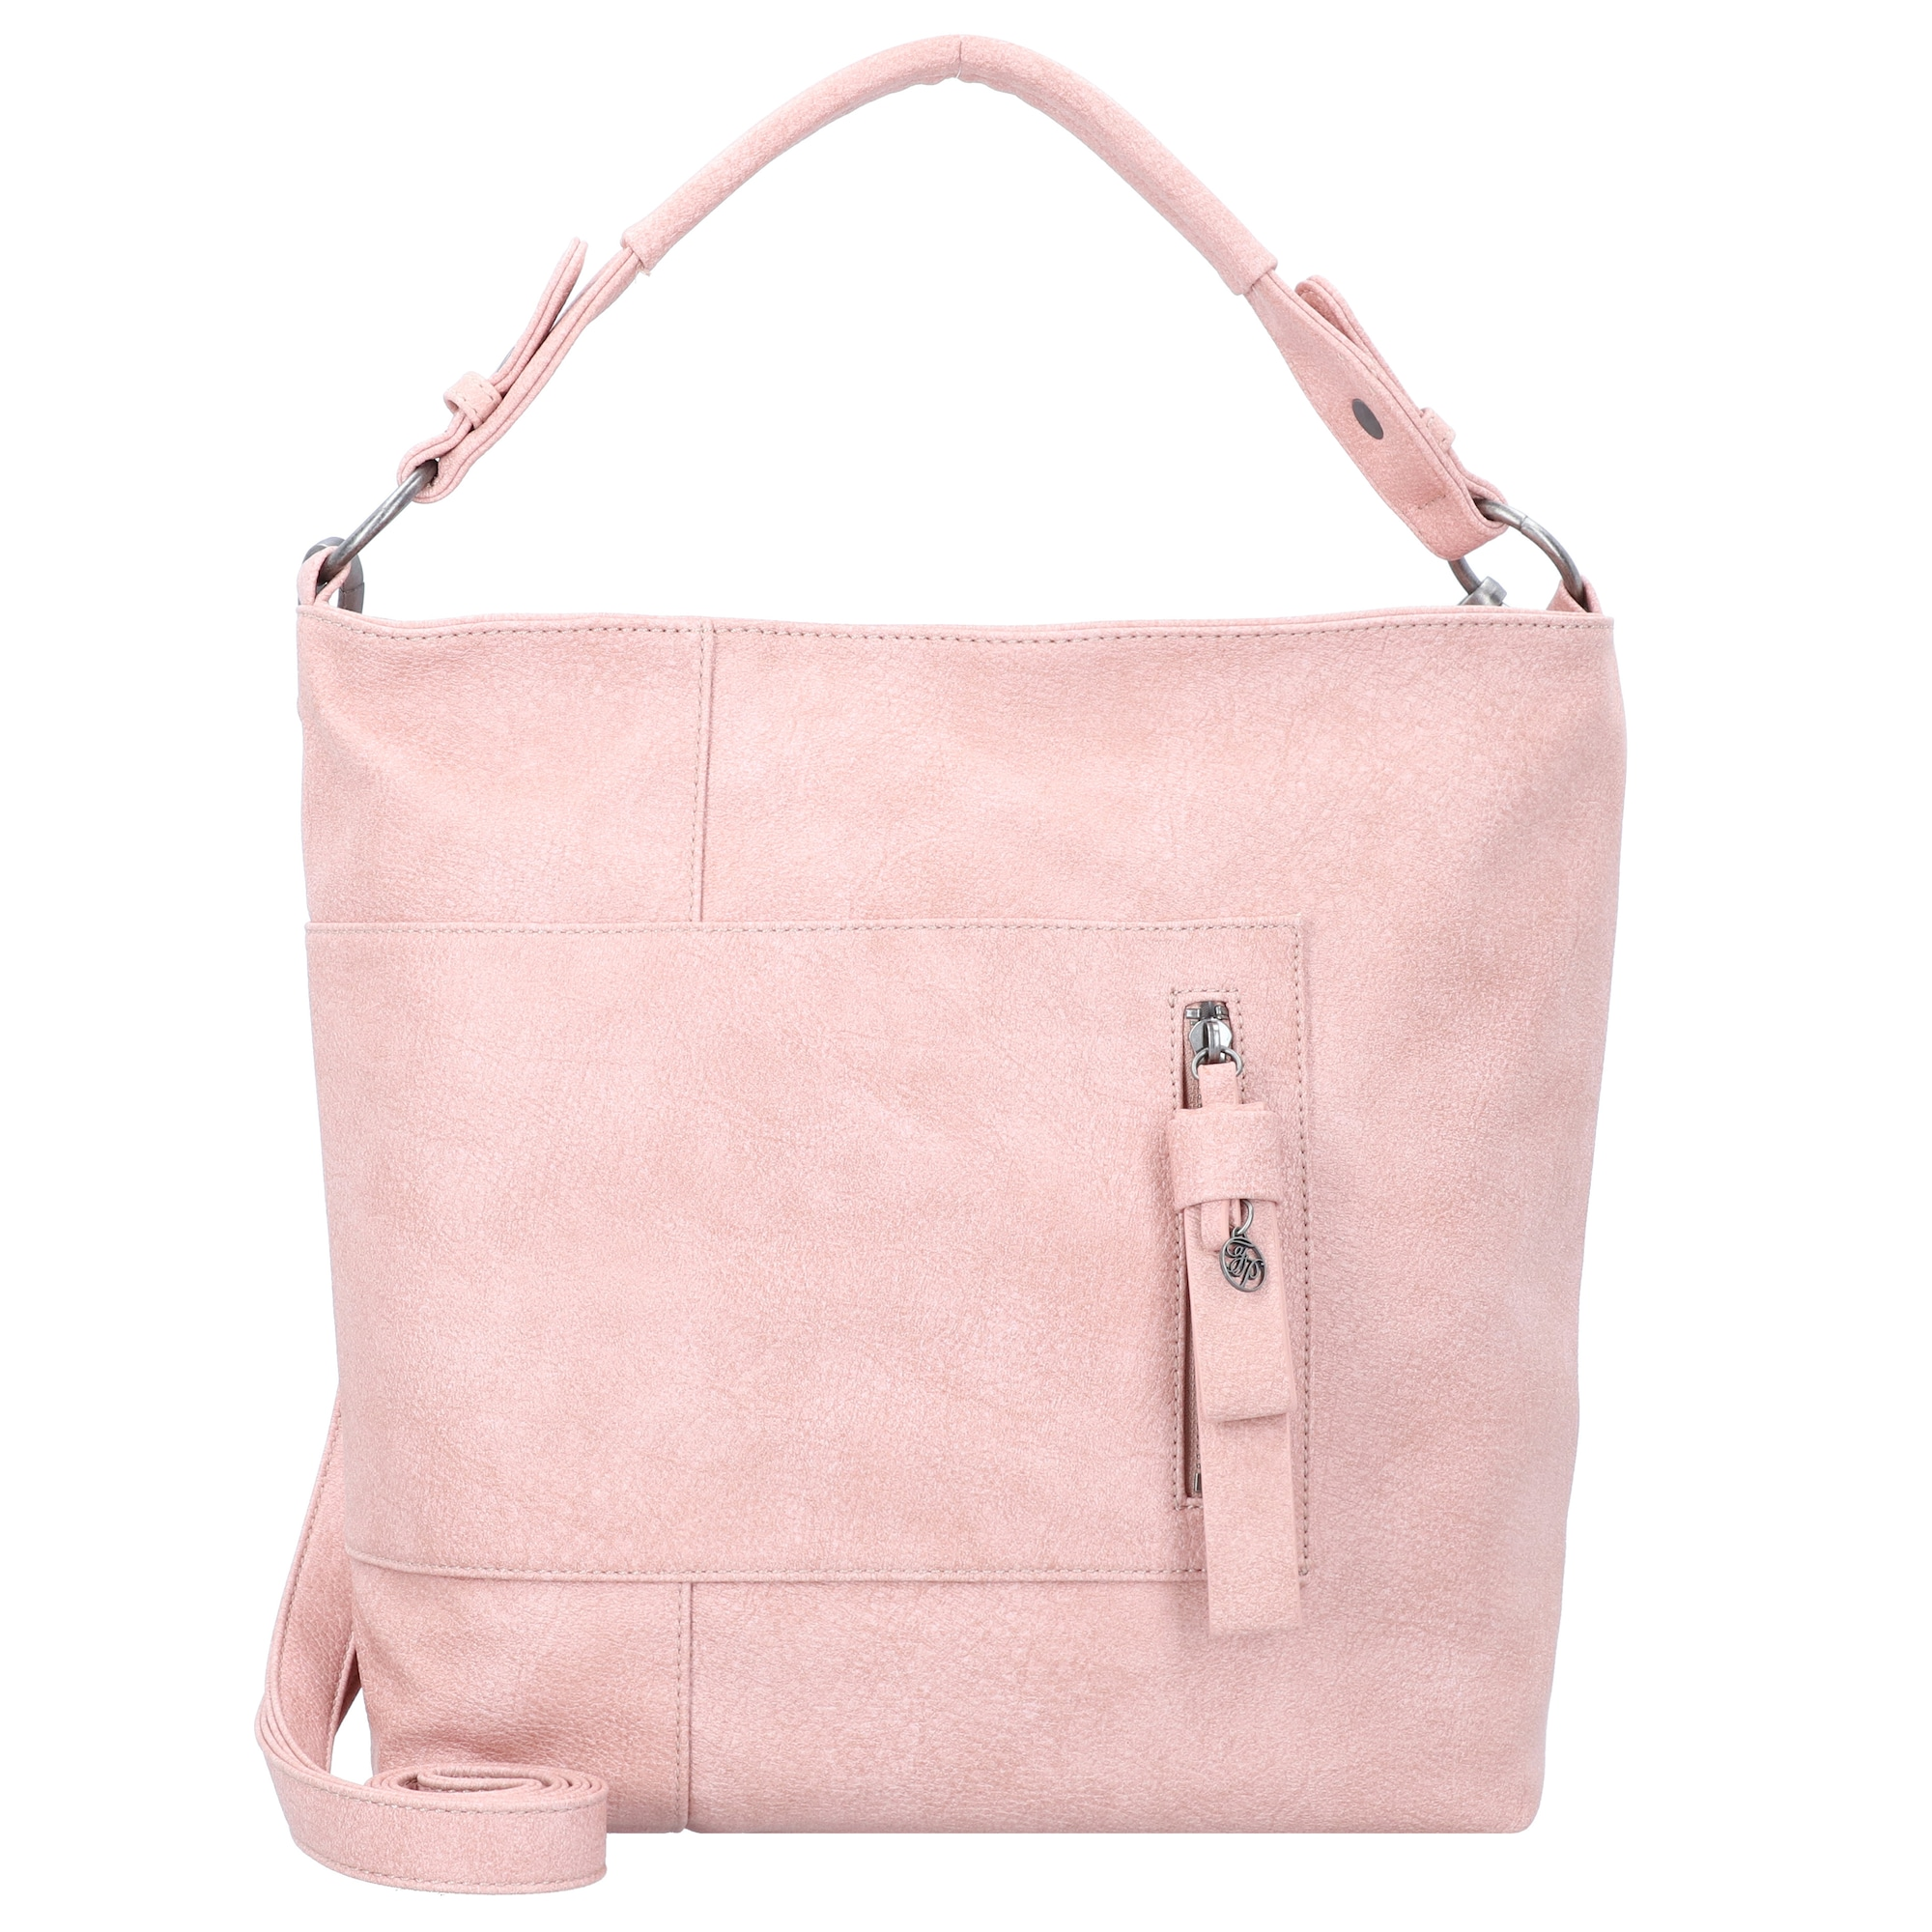 Schultertasche 'Felton' | Taschen > Handtaschen > Schultertaschen | Fritzi Aus Preußen